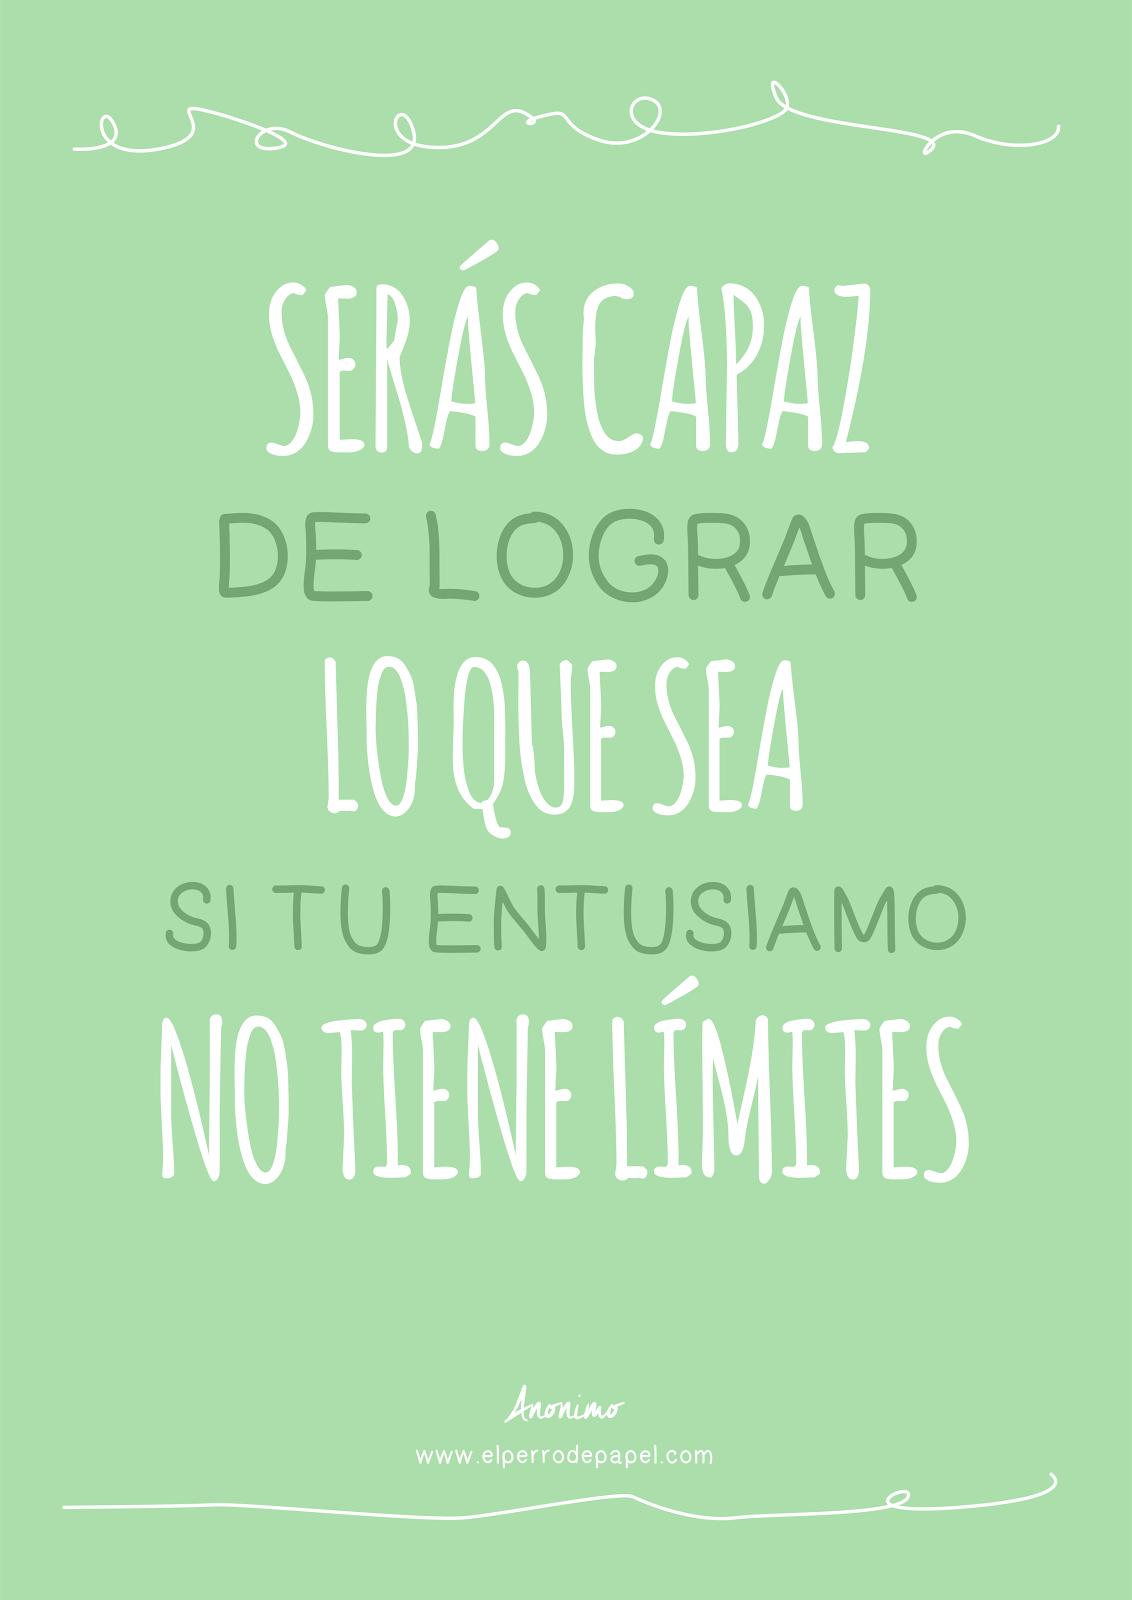 Cor de Drap Laminas motivadoras